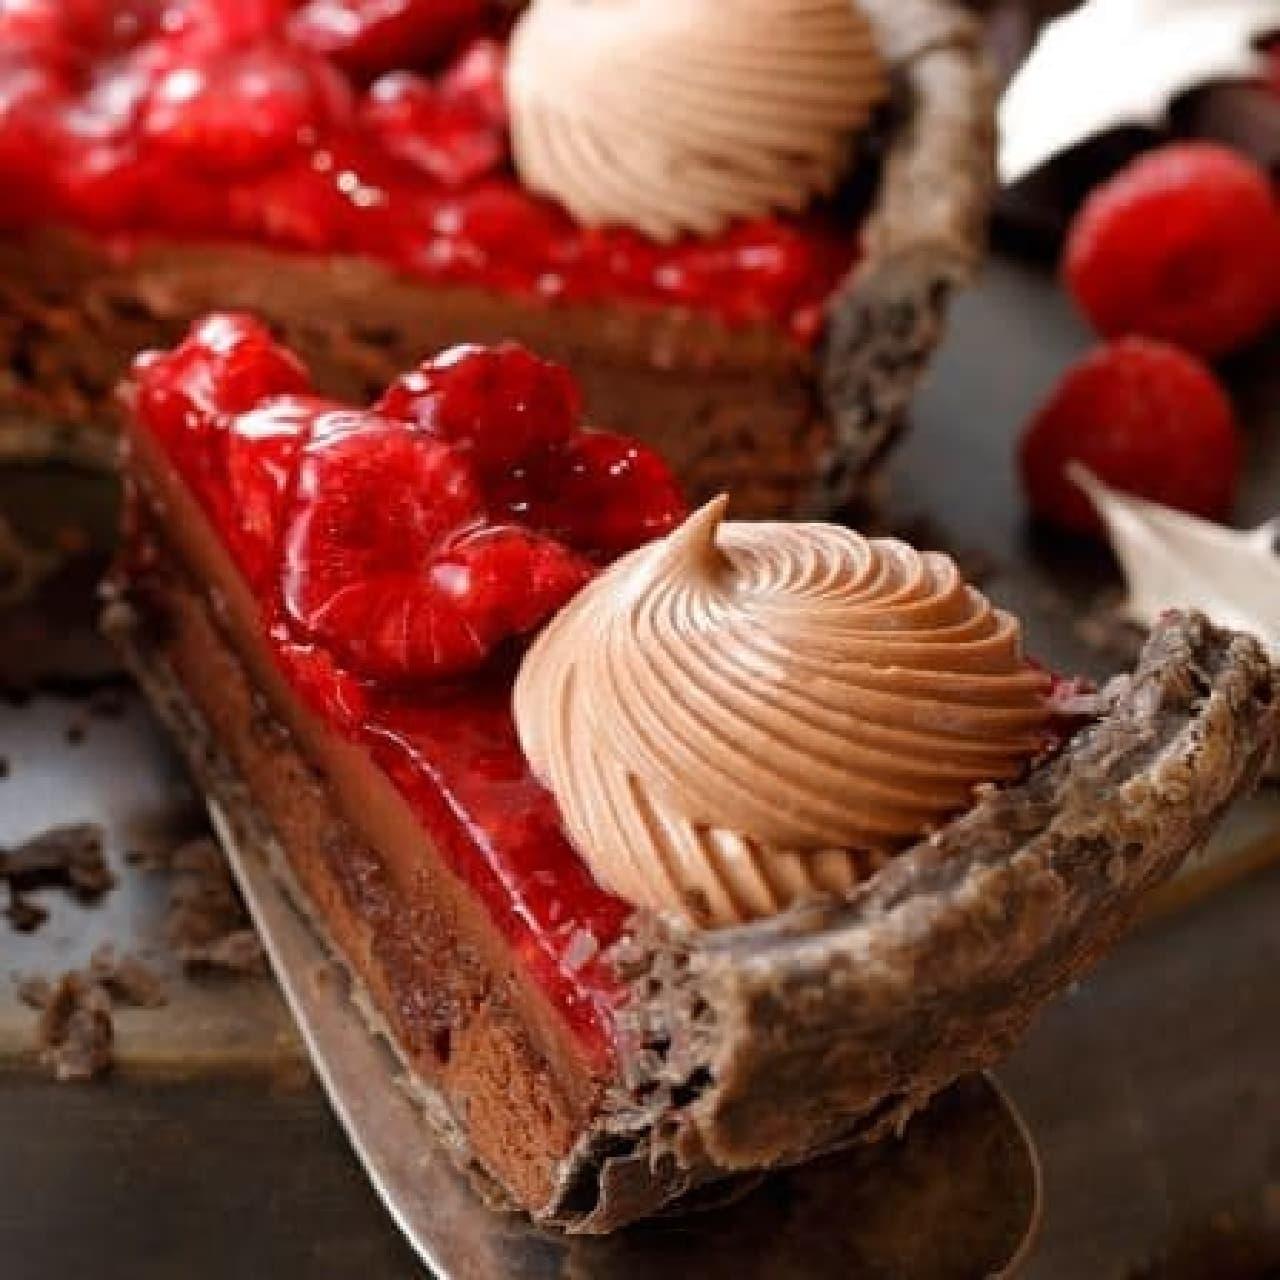 スターバックス「ラズベリーチョコレートパイ」